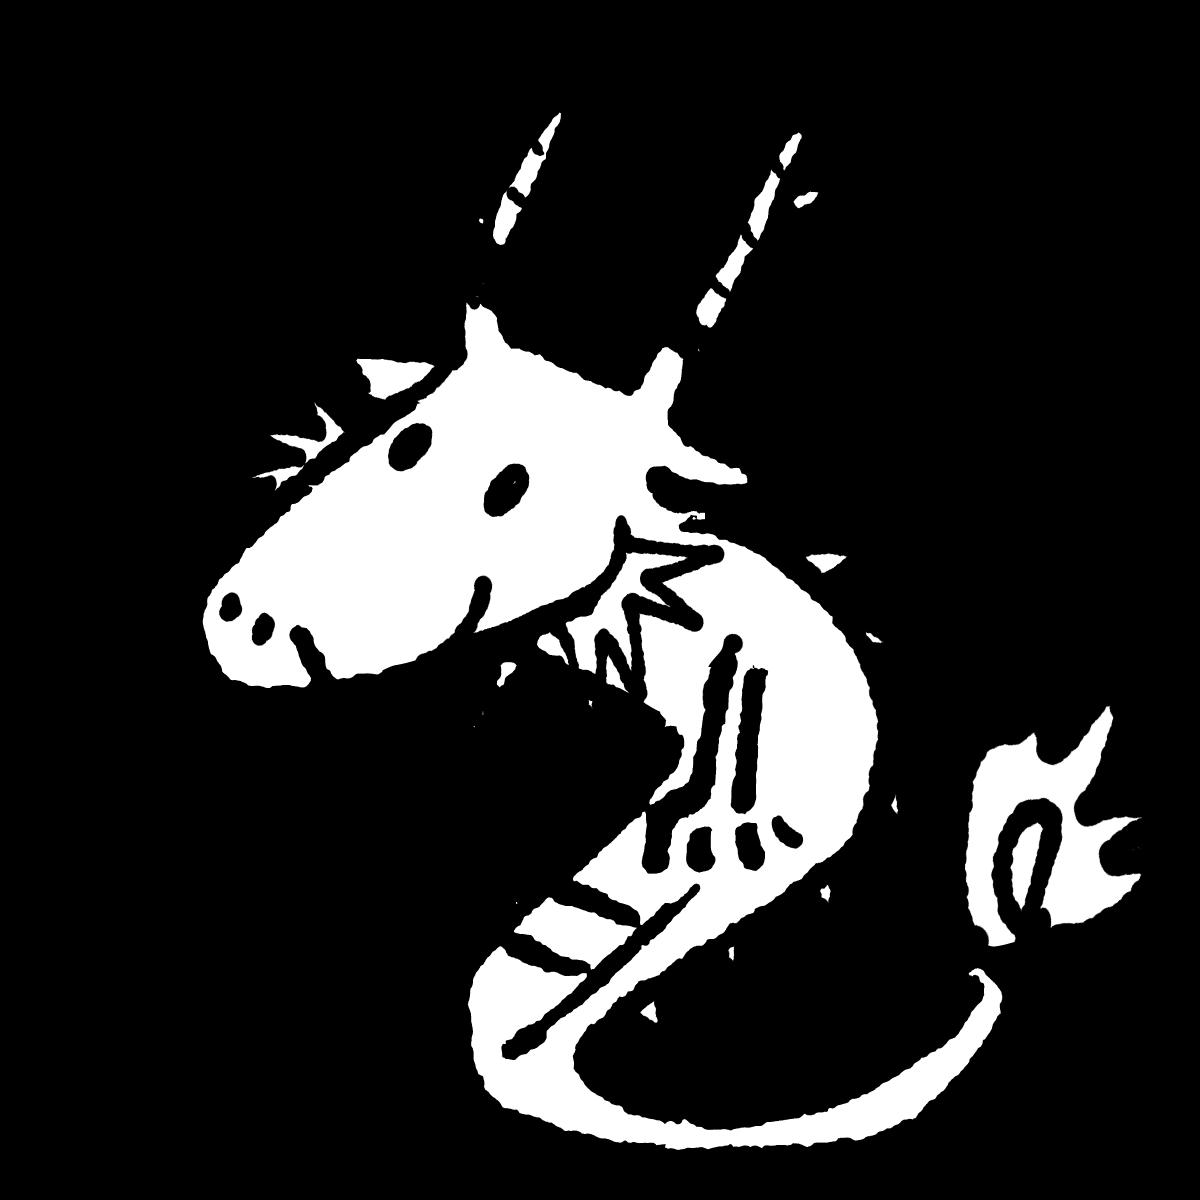 座る竜のイラスト Sitting dragon  Illustration